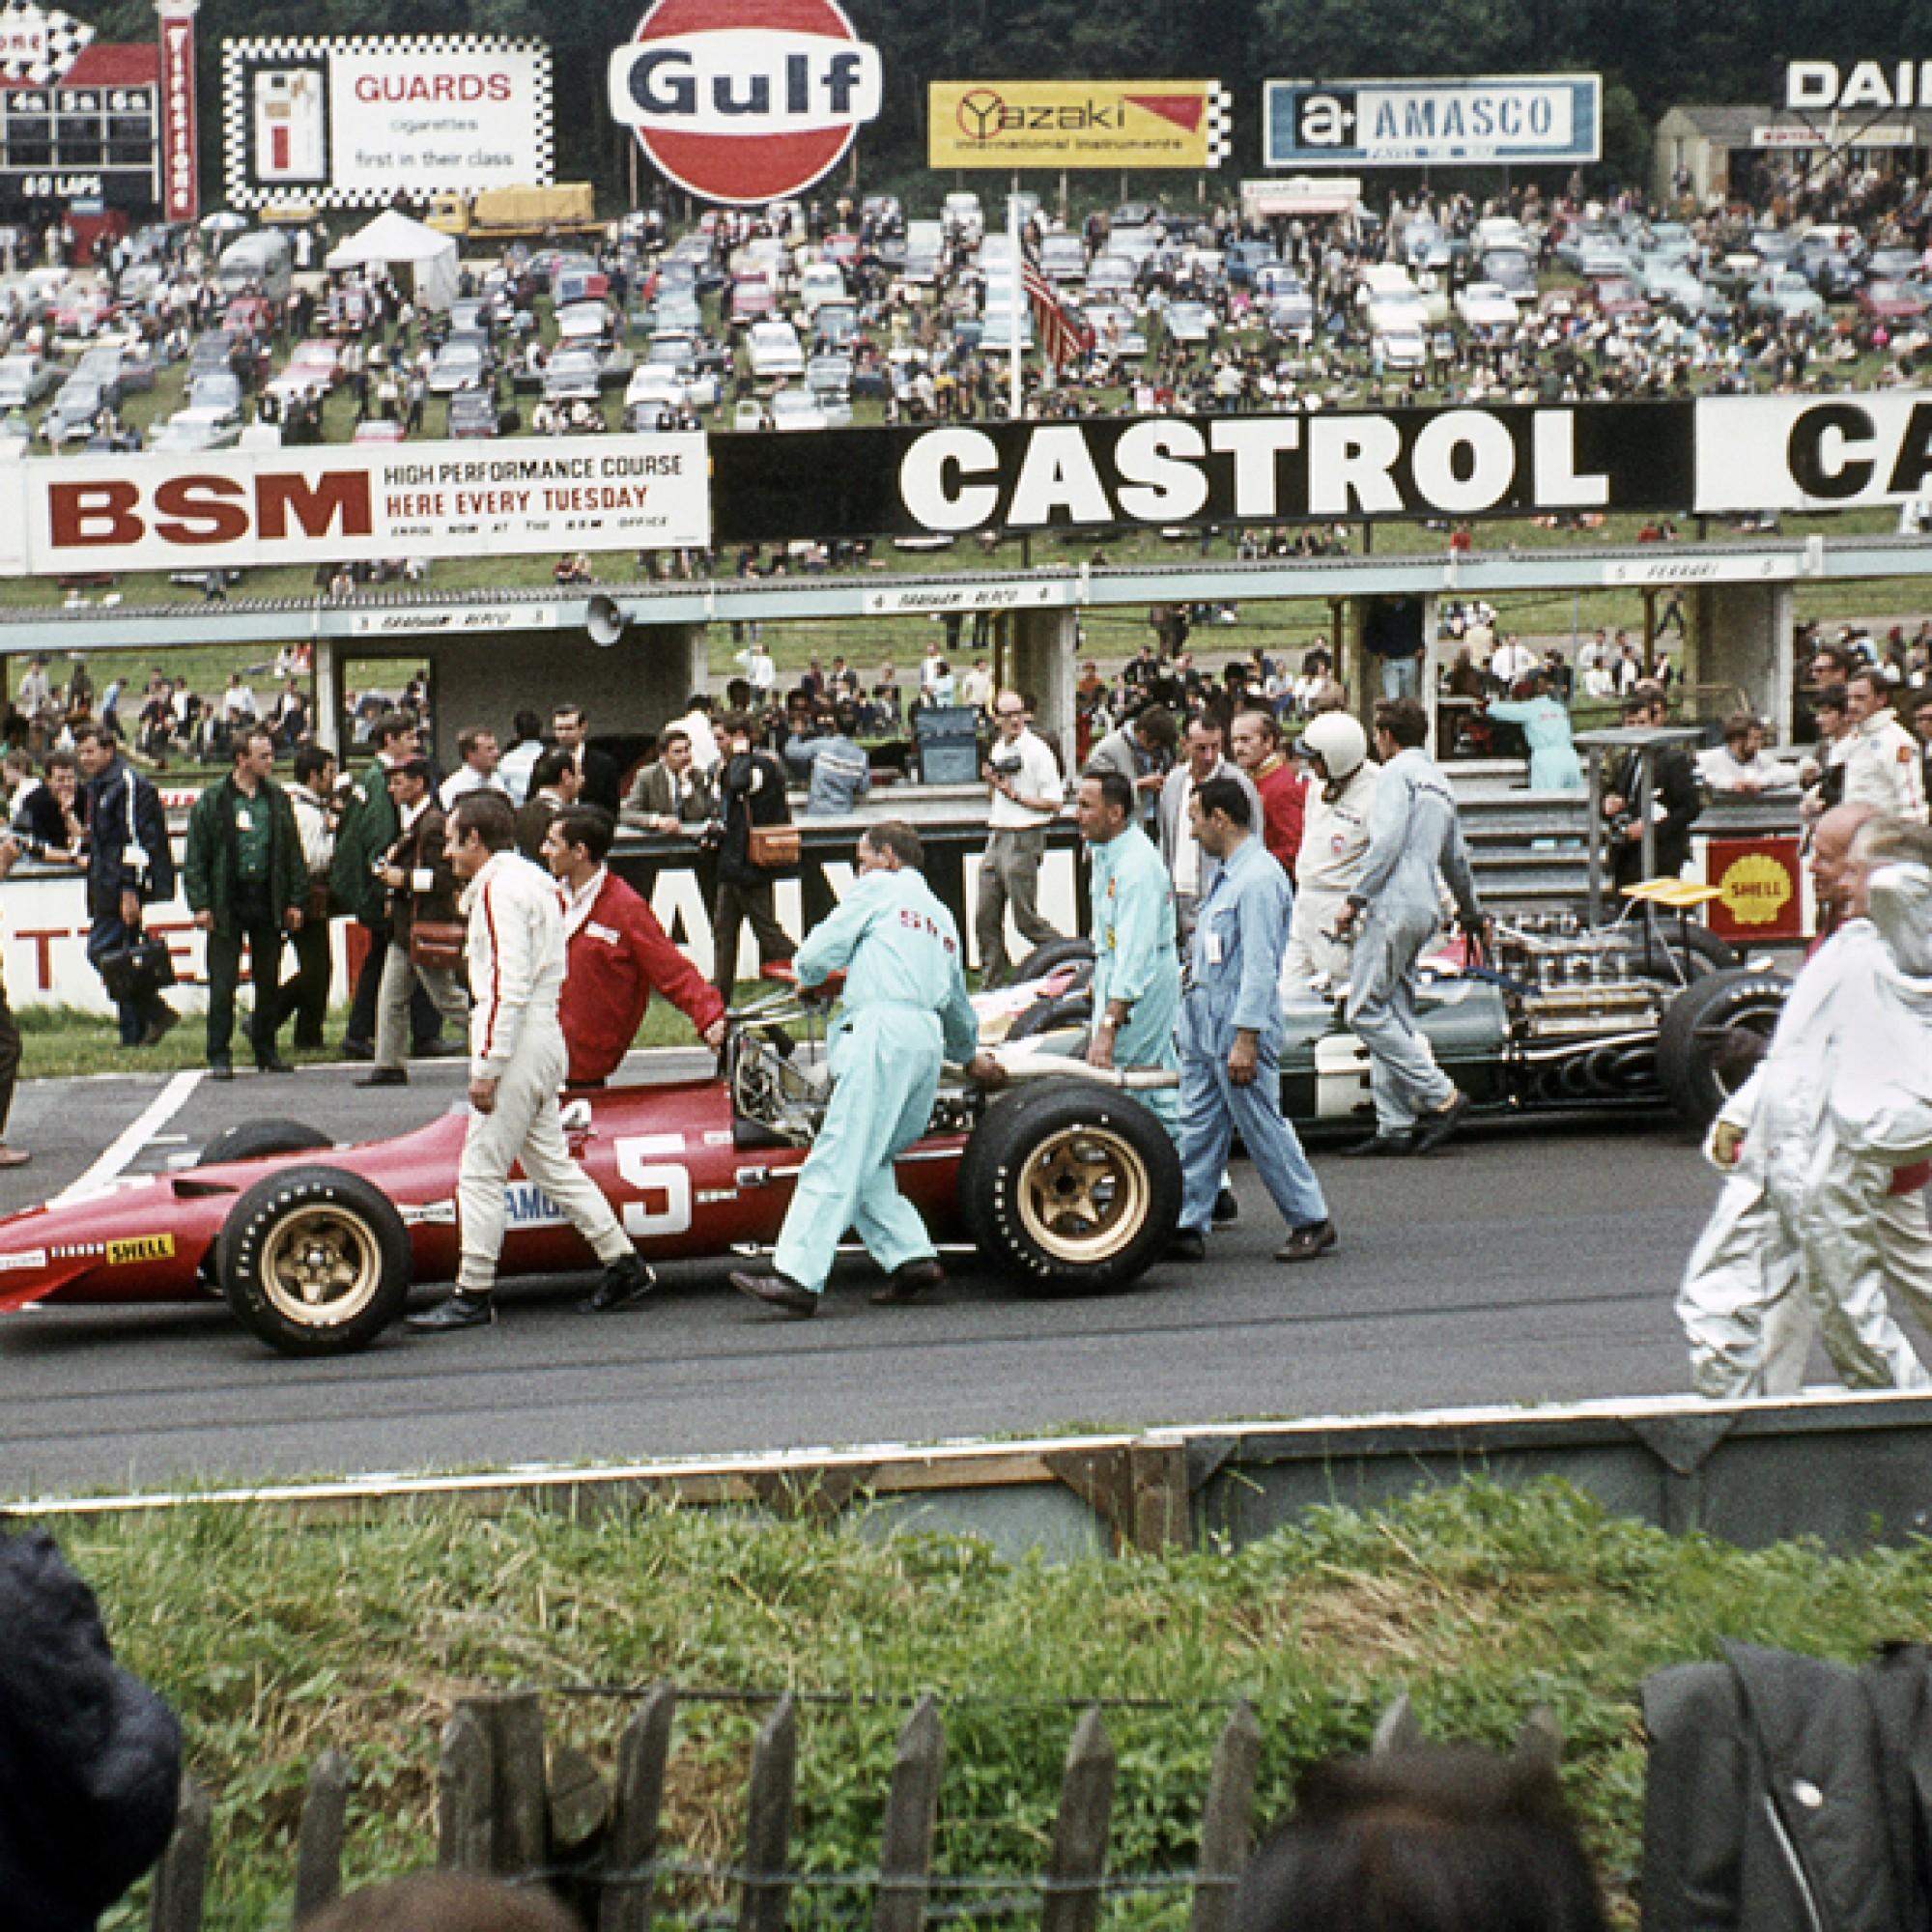 Chris Amon und sein Team stossen den Ferrari 312/68 V12 zur Startlinie. British Grand Prix in Brands Hatch von 1968.  (motorsportfriends.ch, Museum im Bellpark)